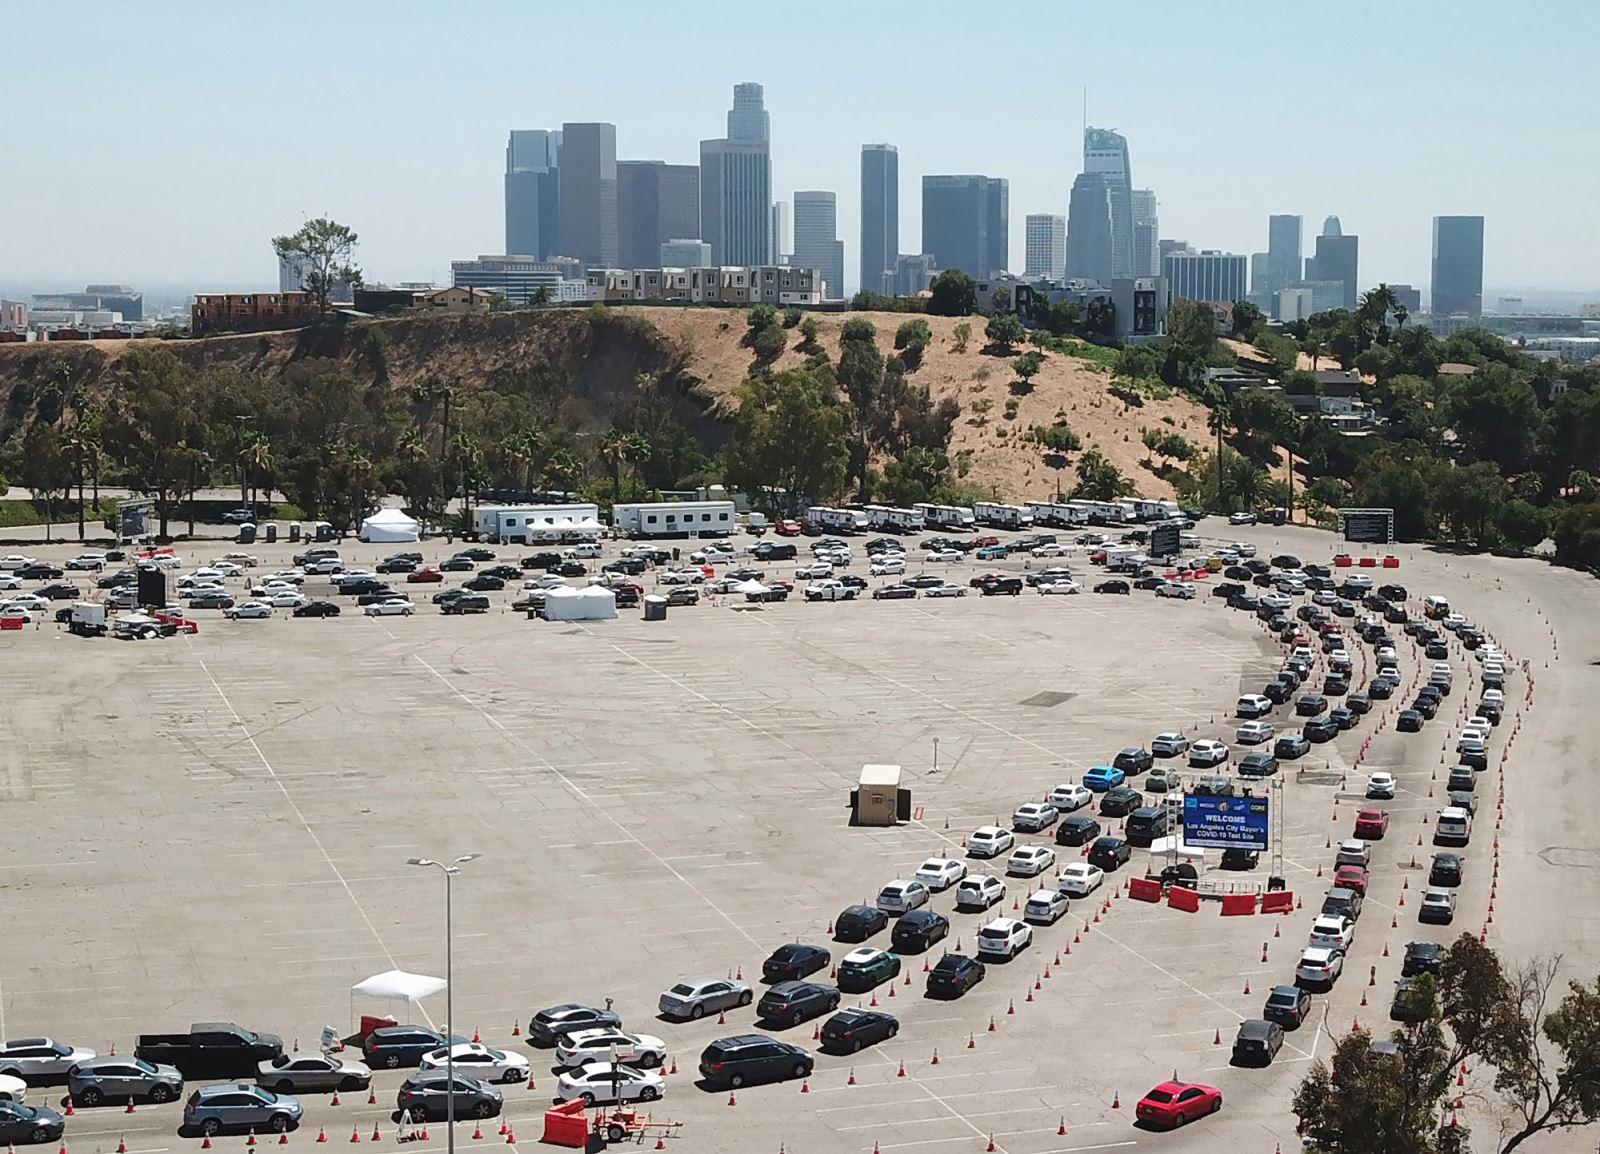 Dòng xe của người dân tới xét nghiệm COVID-19 tại sân vận động Dodgers ở Los Angeles ngày 15-7-2020. Ảnh: AFP/Getty Images